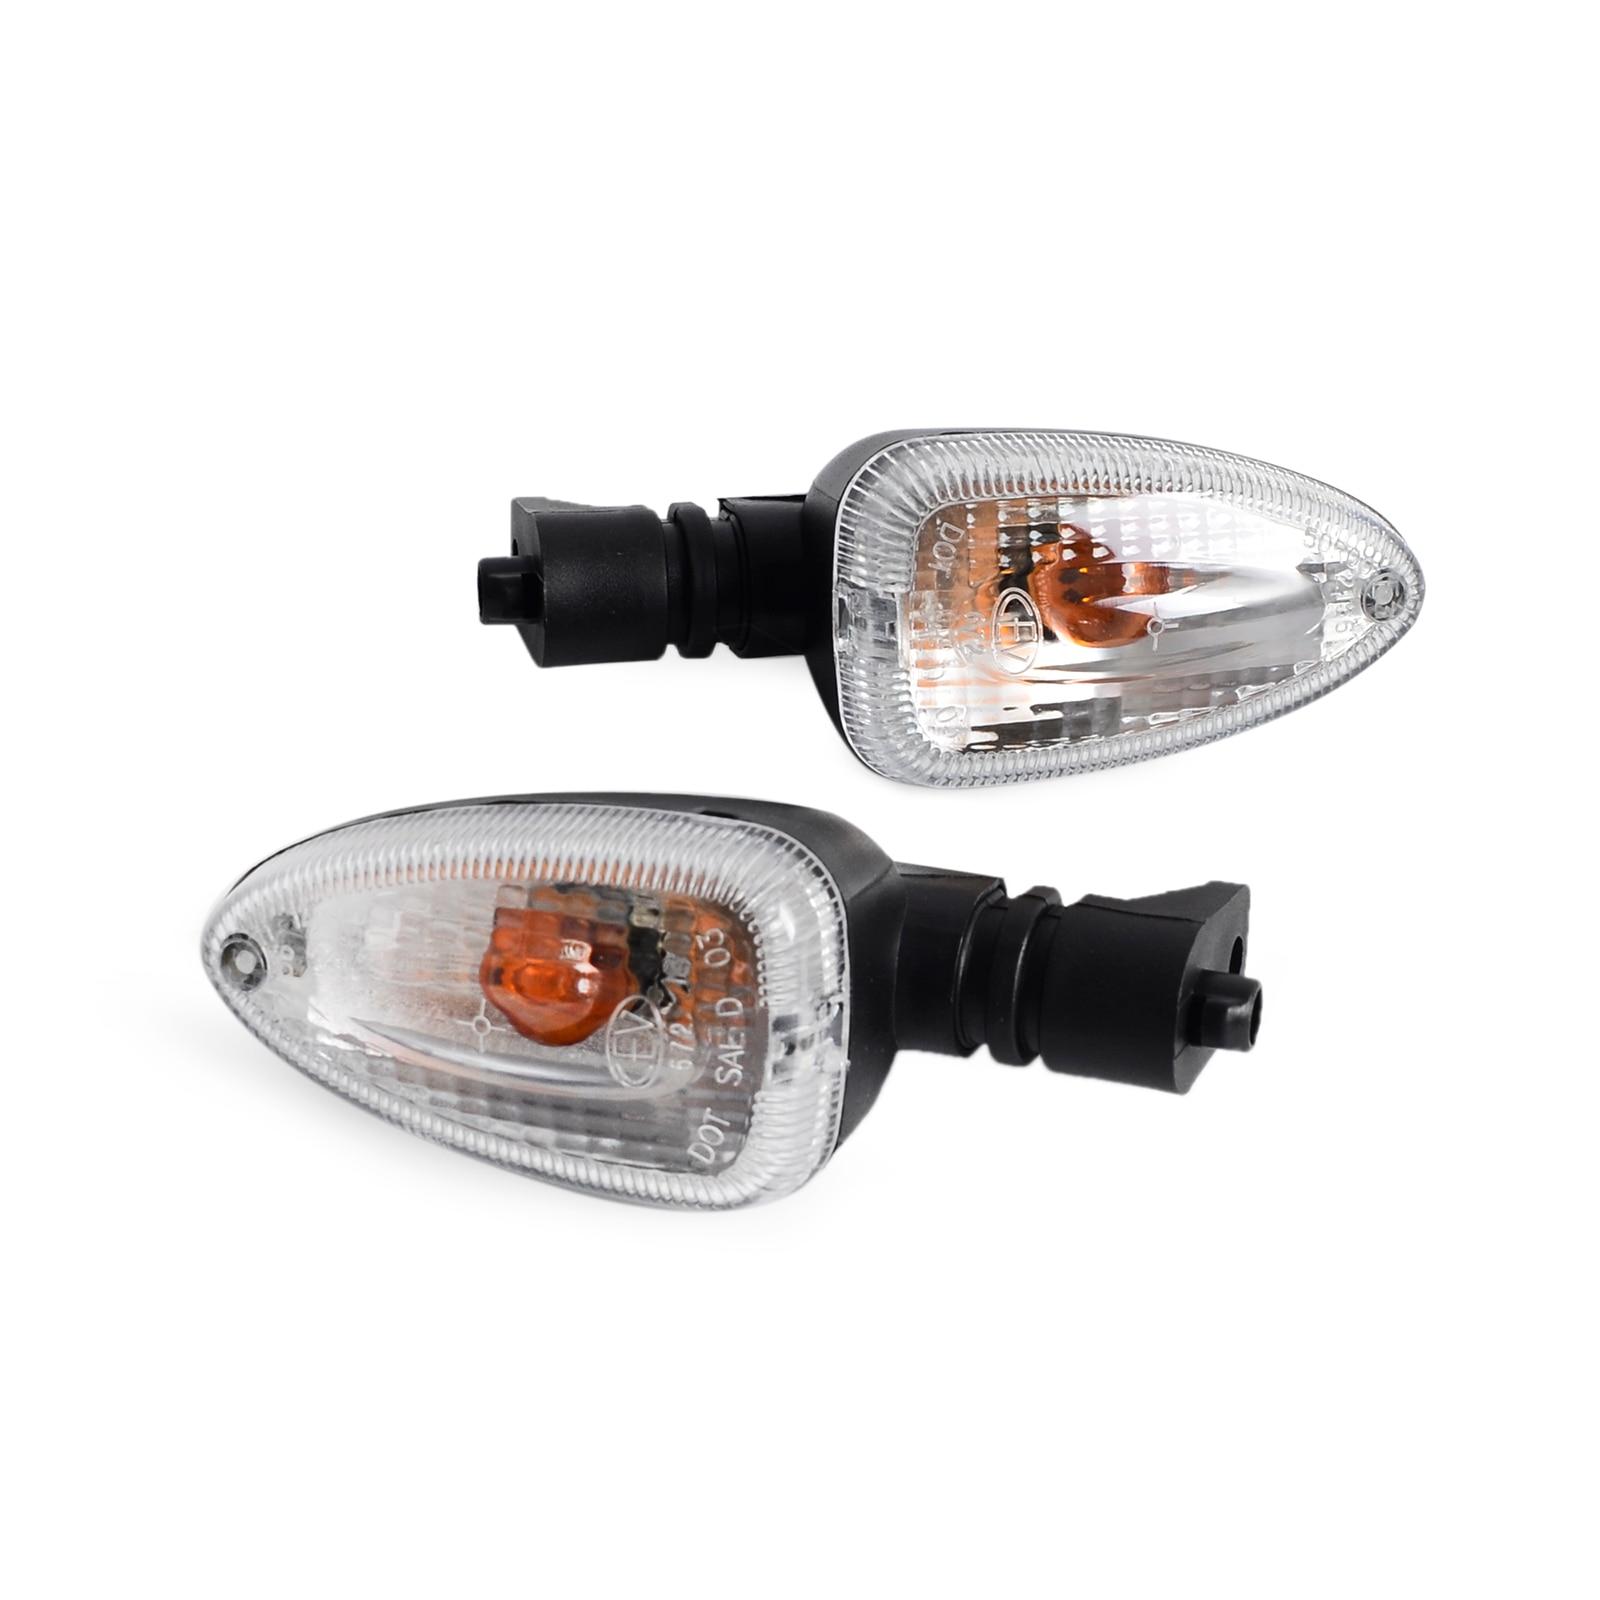 Prix pour Vente chaude Turn Signal Indicateur Lumières Pour BMW F650GS F800GS 2008-2012 HP2 K 1200R/S 1200GS 1300R clair